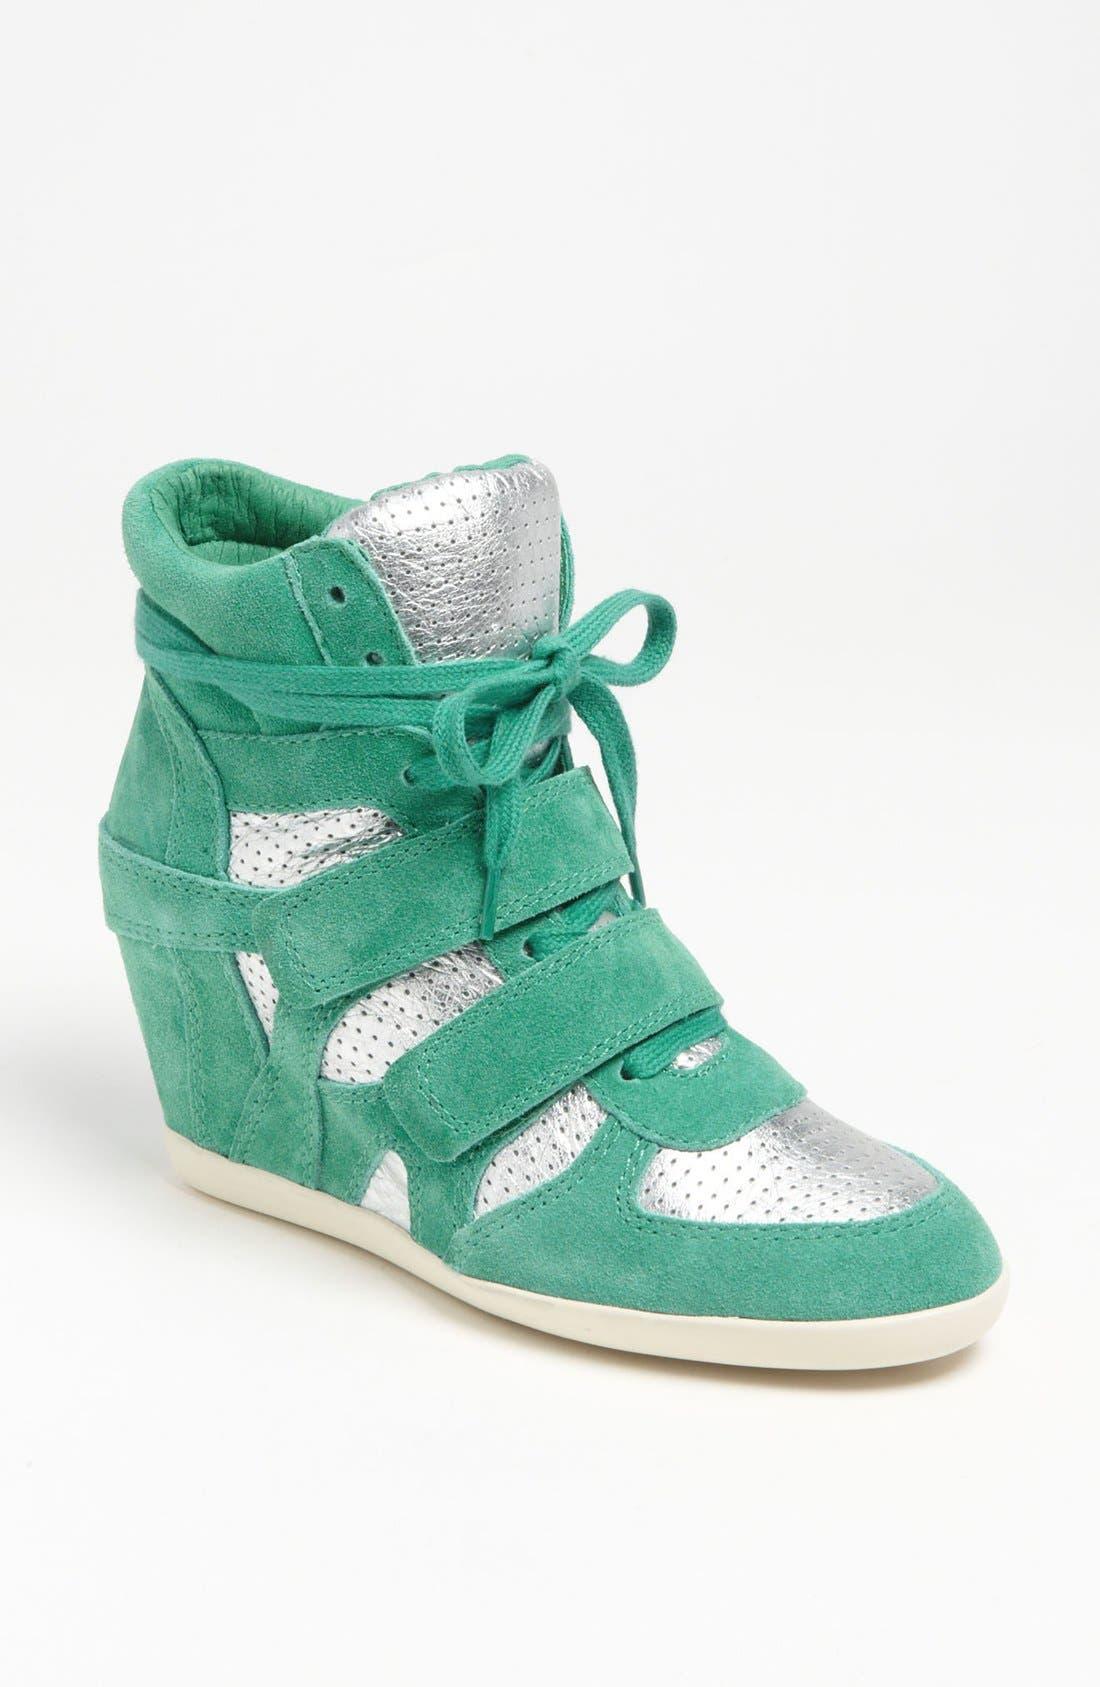 Alternate Image 1 Selected - Ash 'Bea' Sneaker